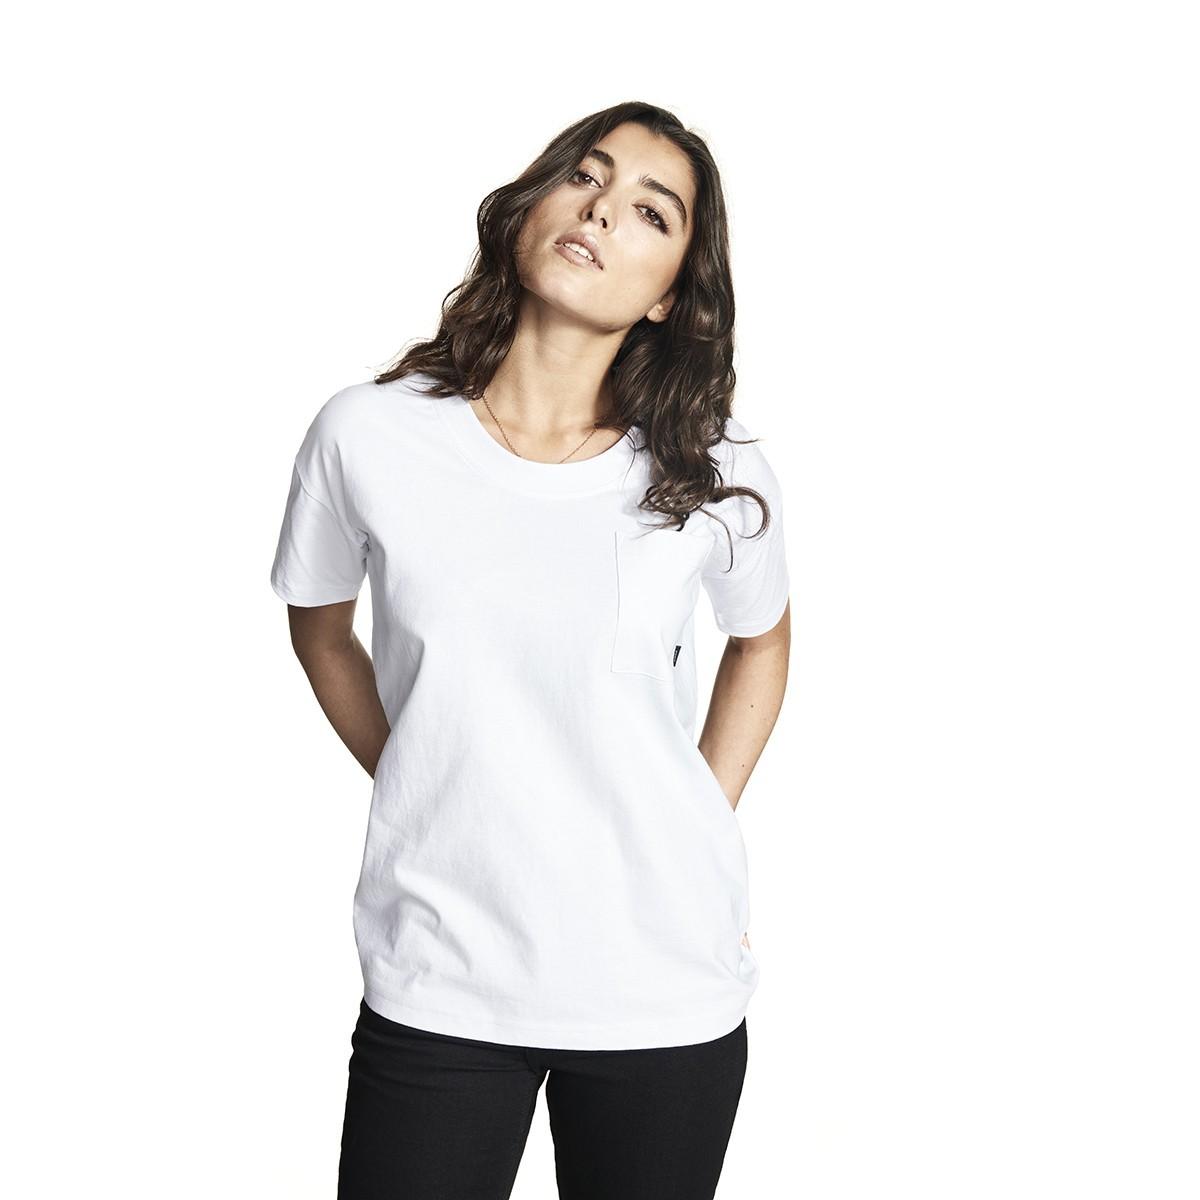 Bílé triko - Pocket - XS